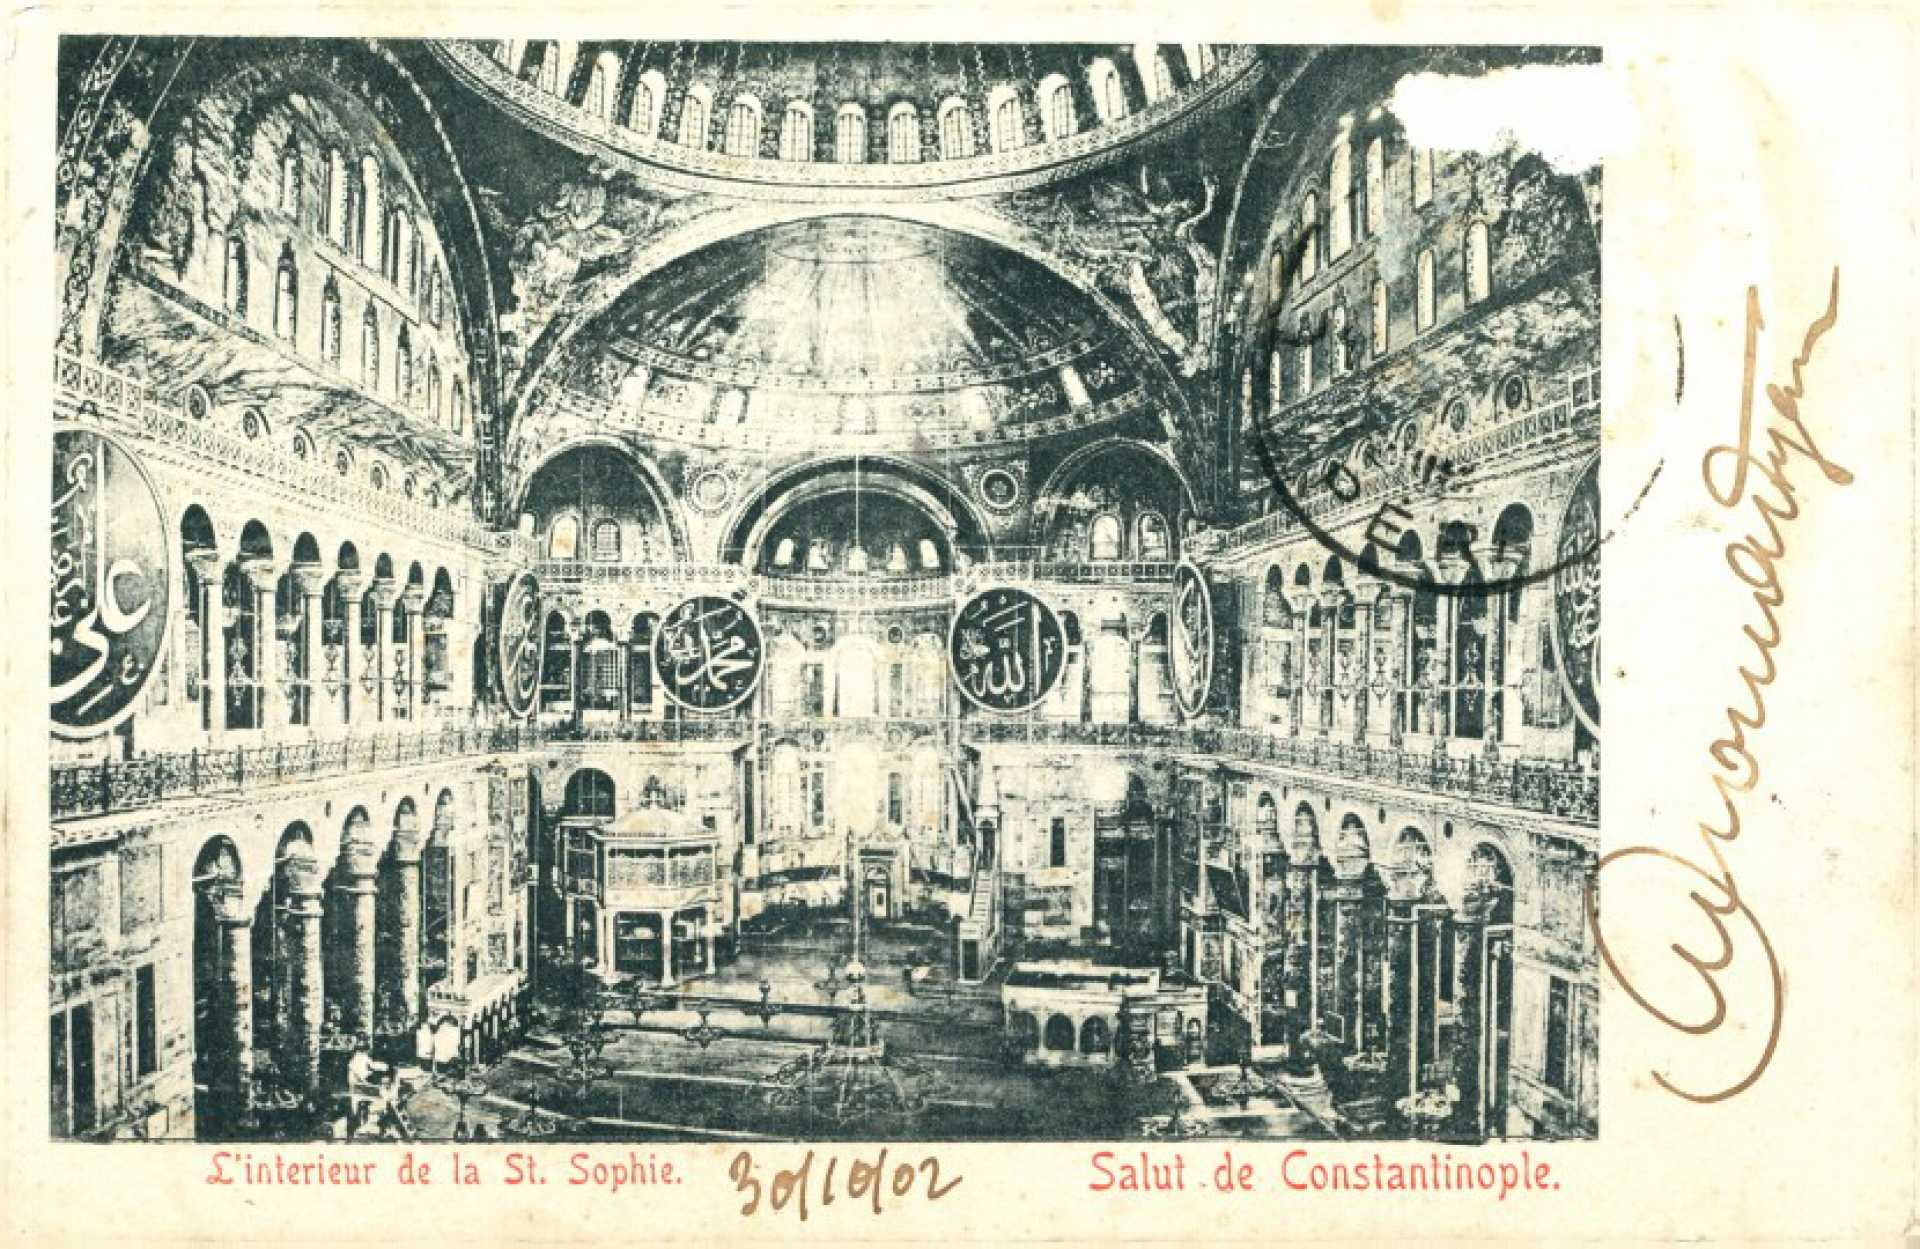 L'interieur de la St. Sophie